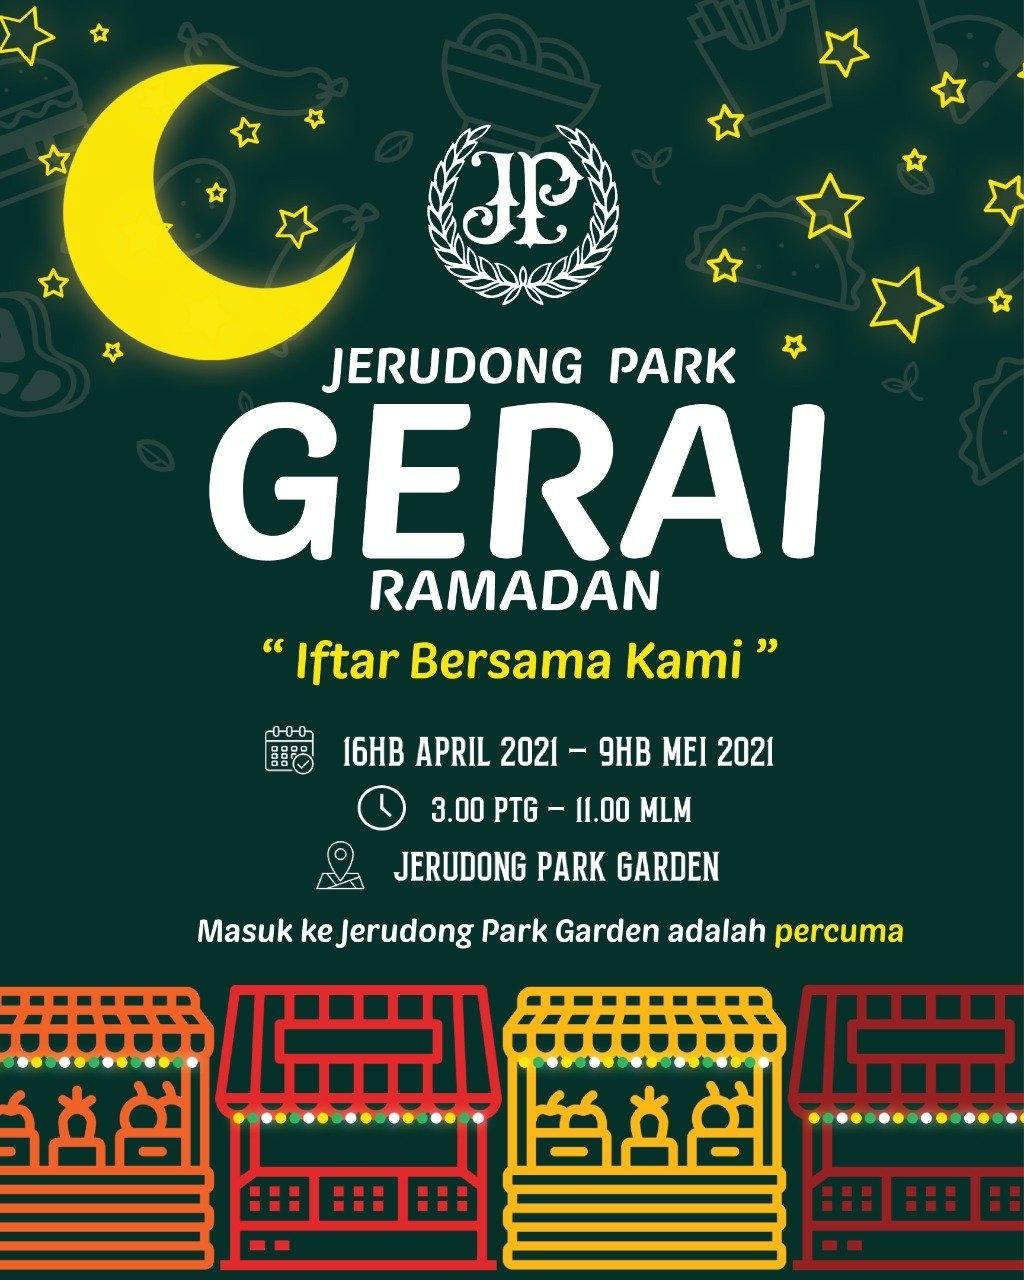 Jerudong Park'S Gerai Ramadhan - Brunei.events throughout Free Calendar Brunei 2021 Graphics